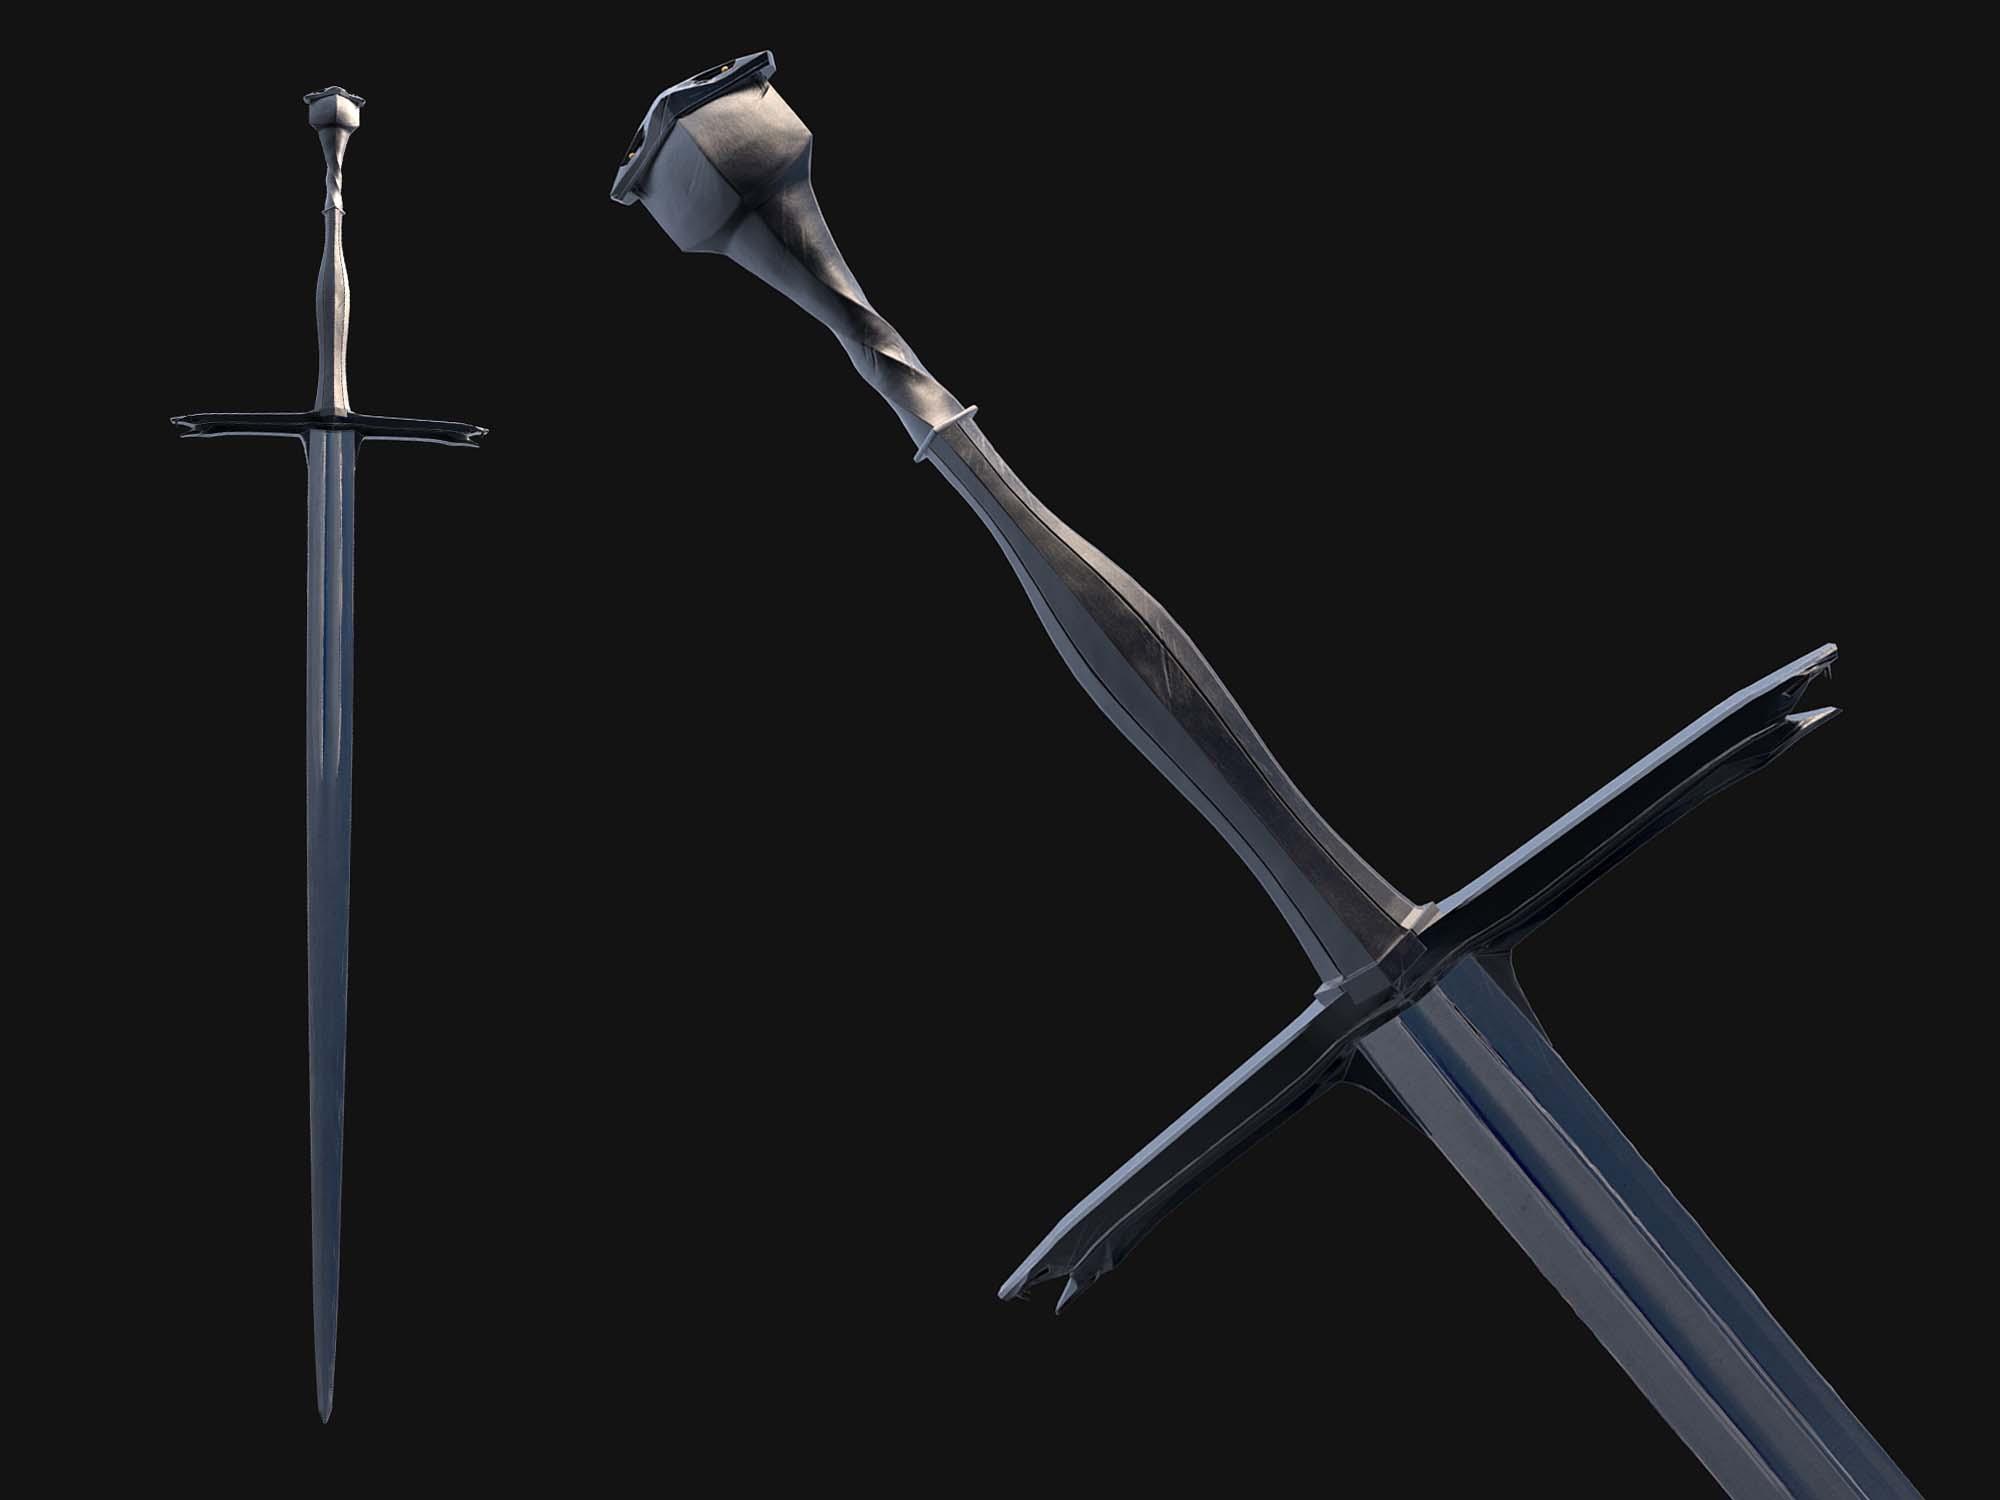 Sword | 3D artist